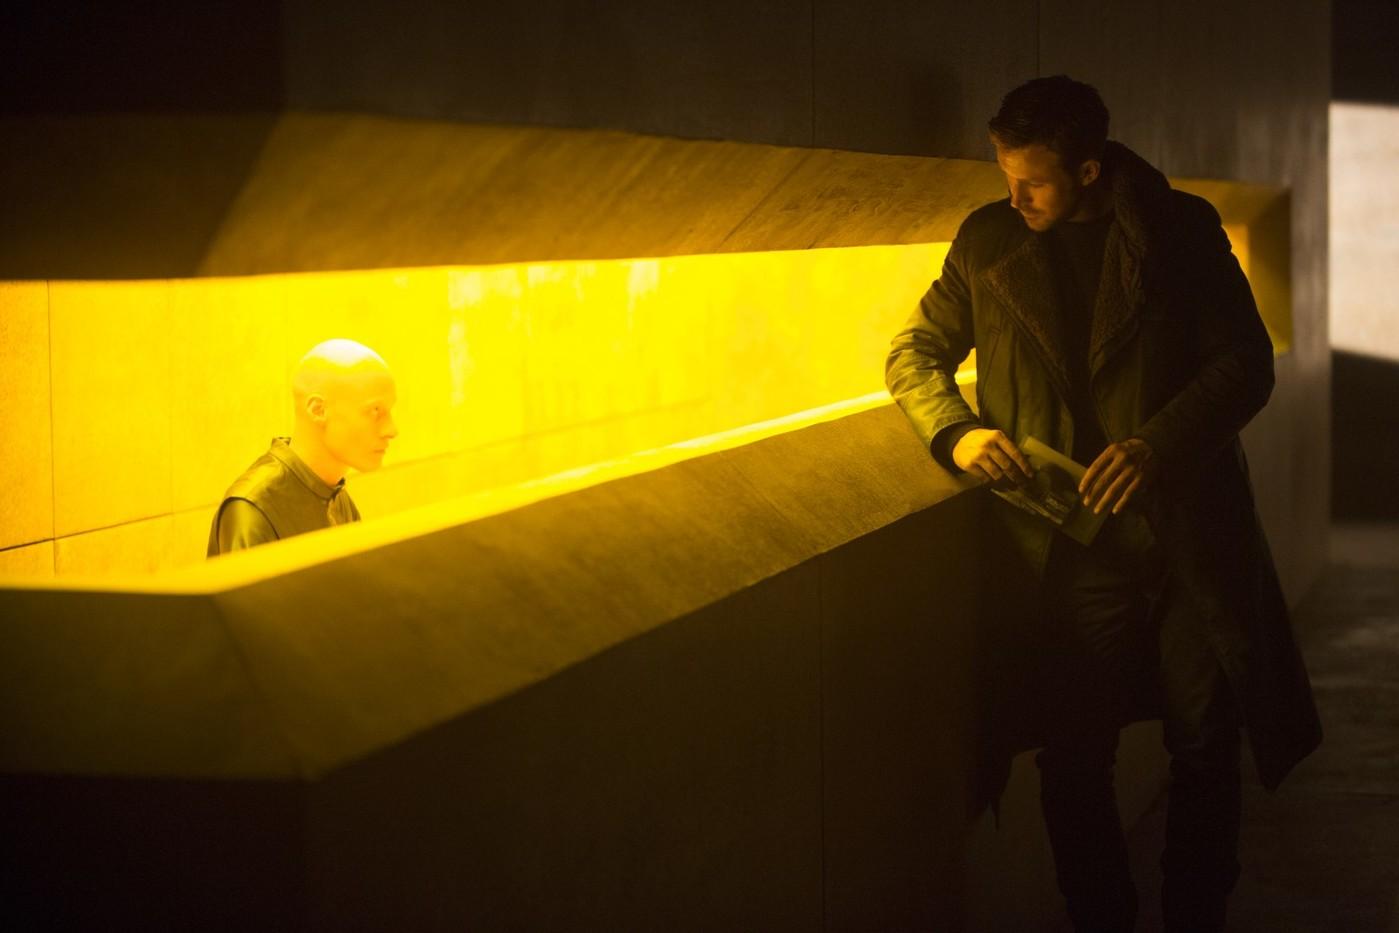 Blade runner 2049 – Denis Villeneuve